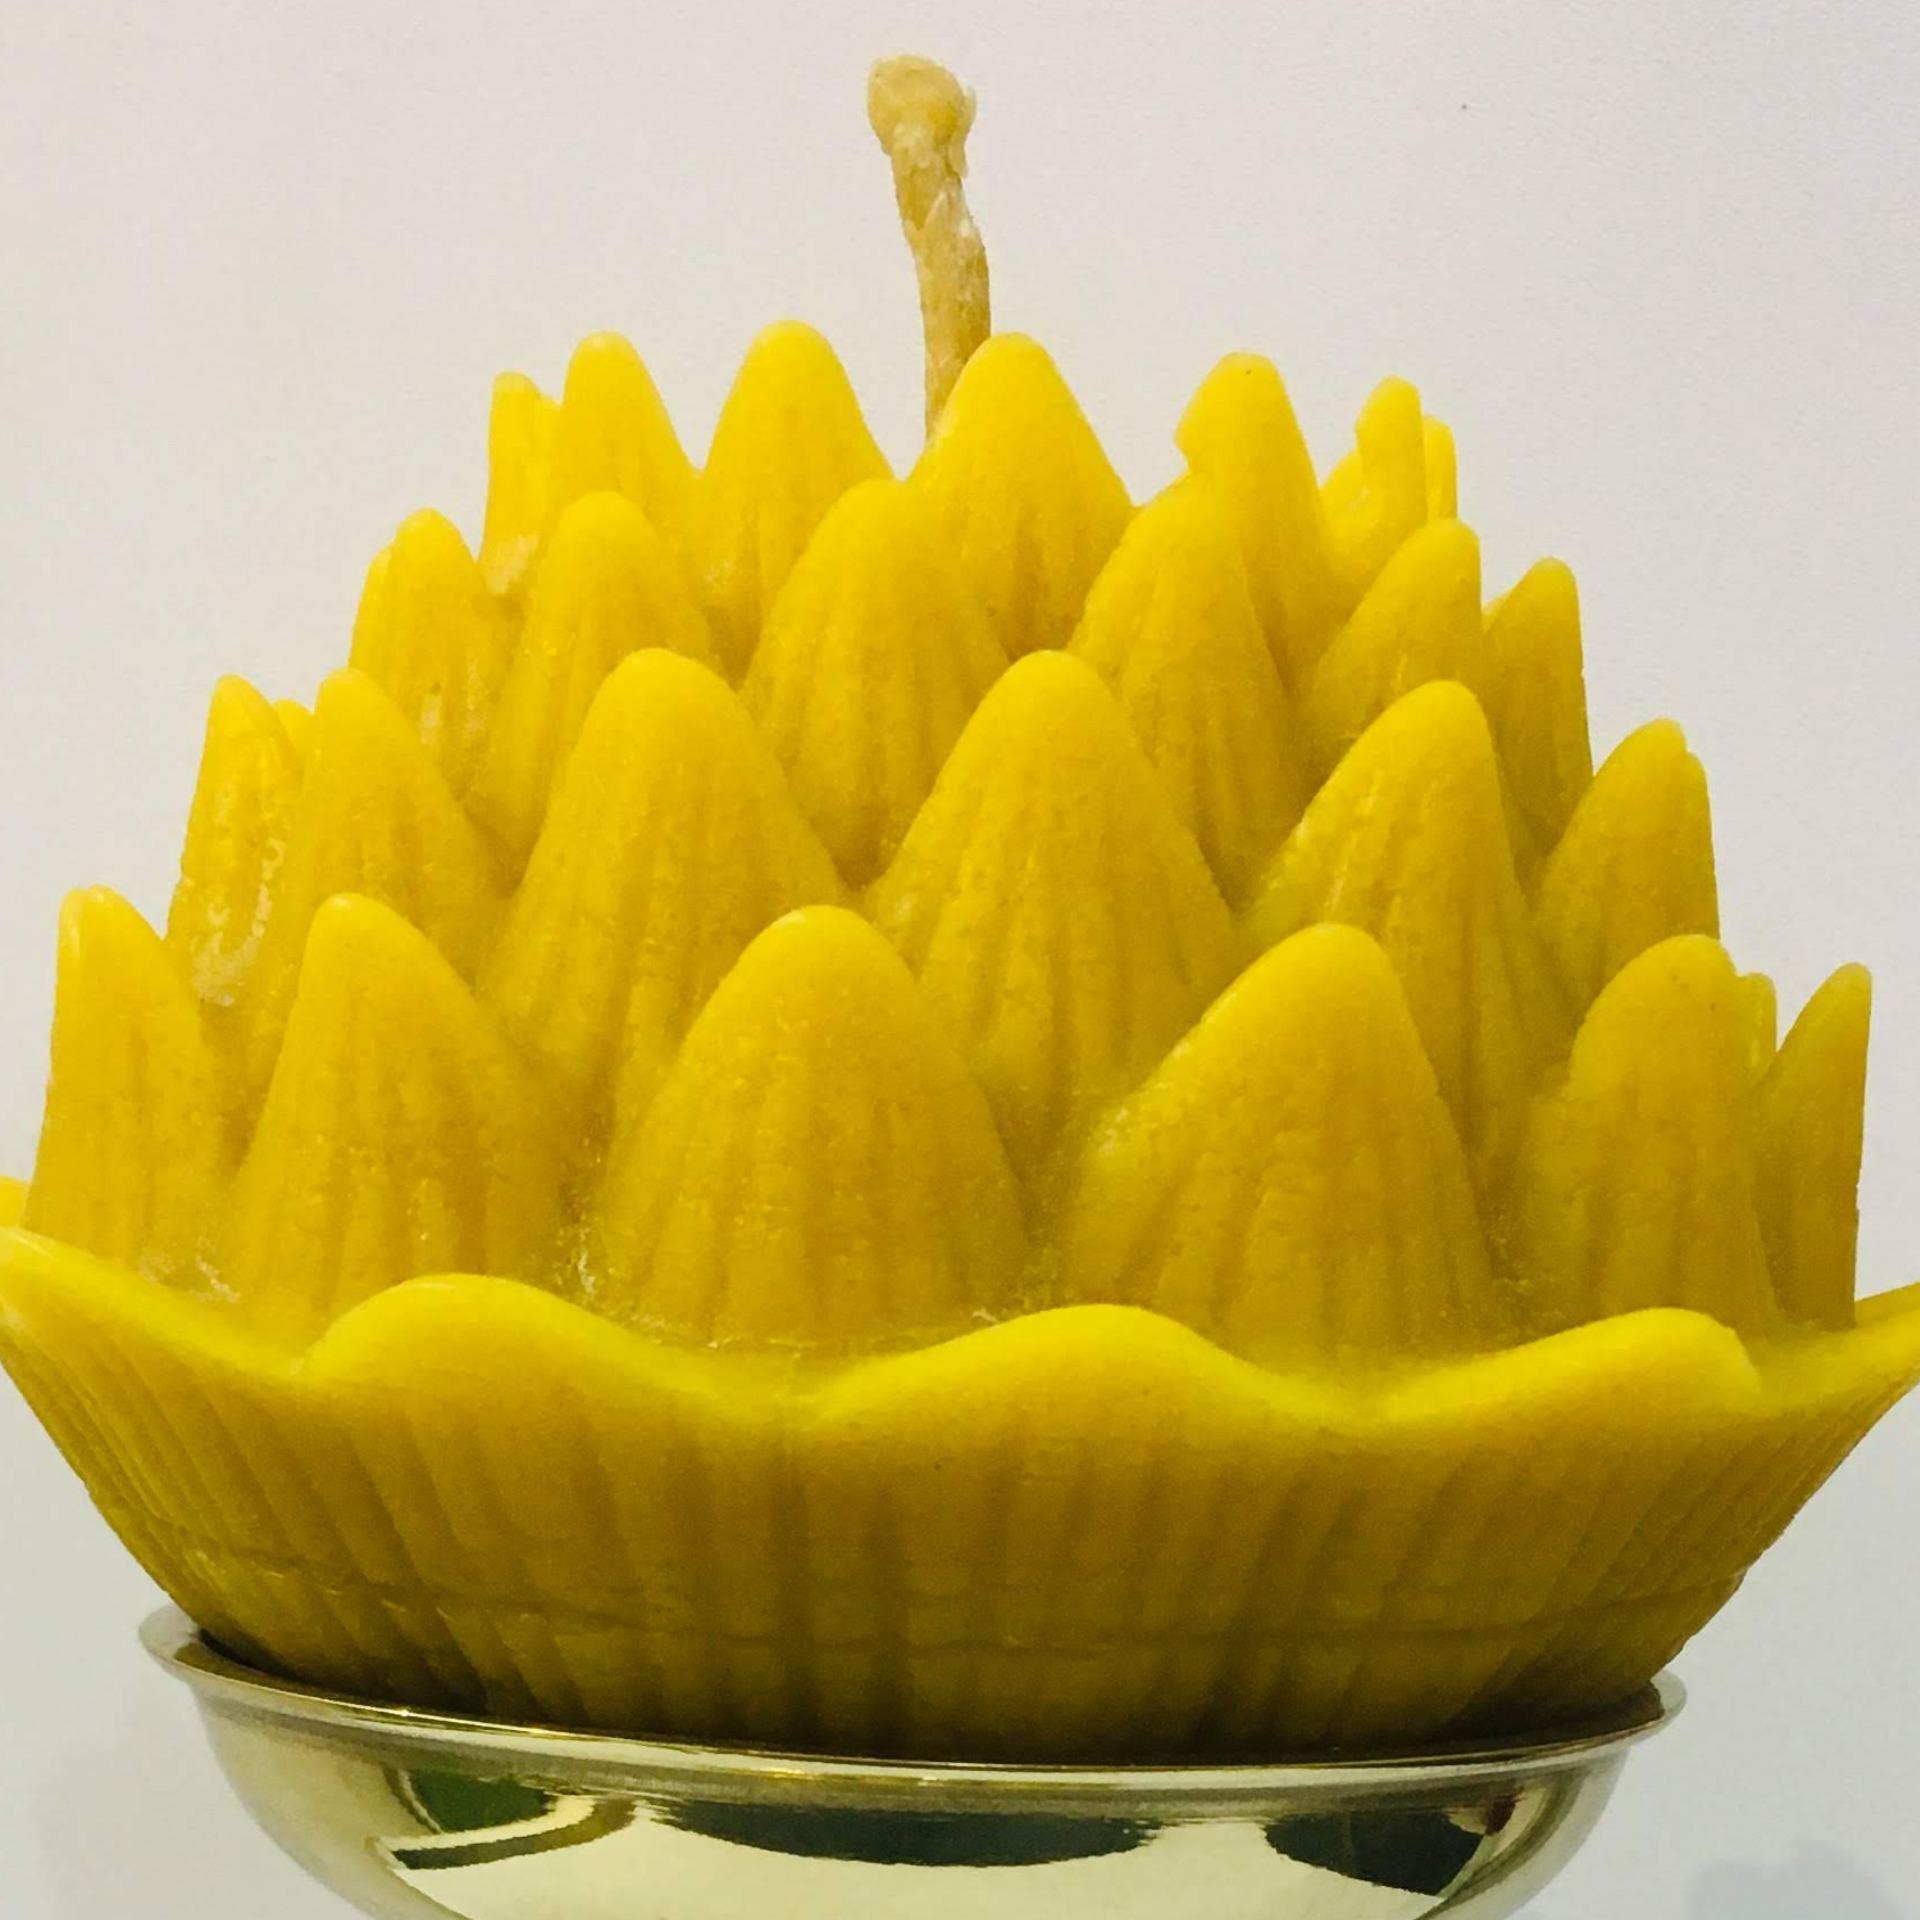 Nến hoa sen TRUNG sáp ong tự nhiên xuất khẩu chính hãng